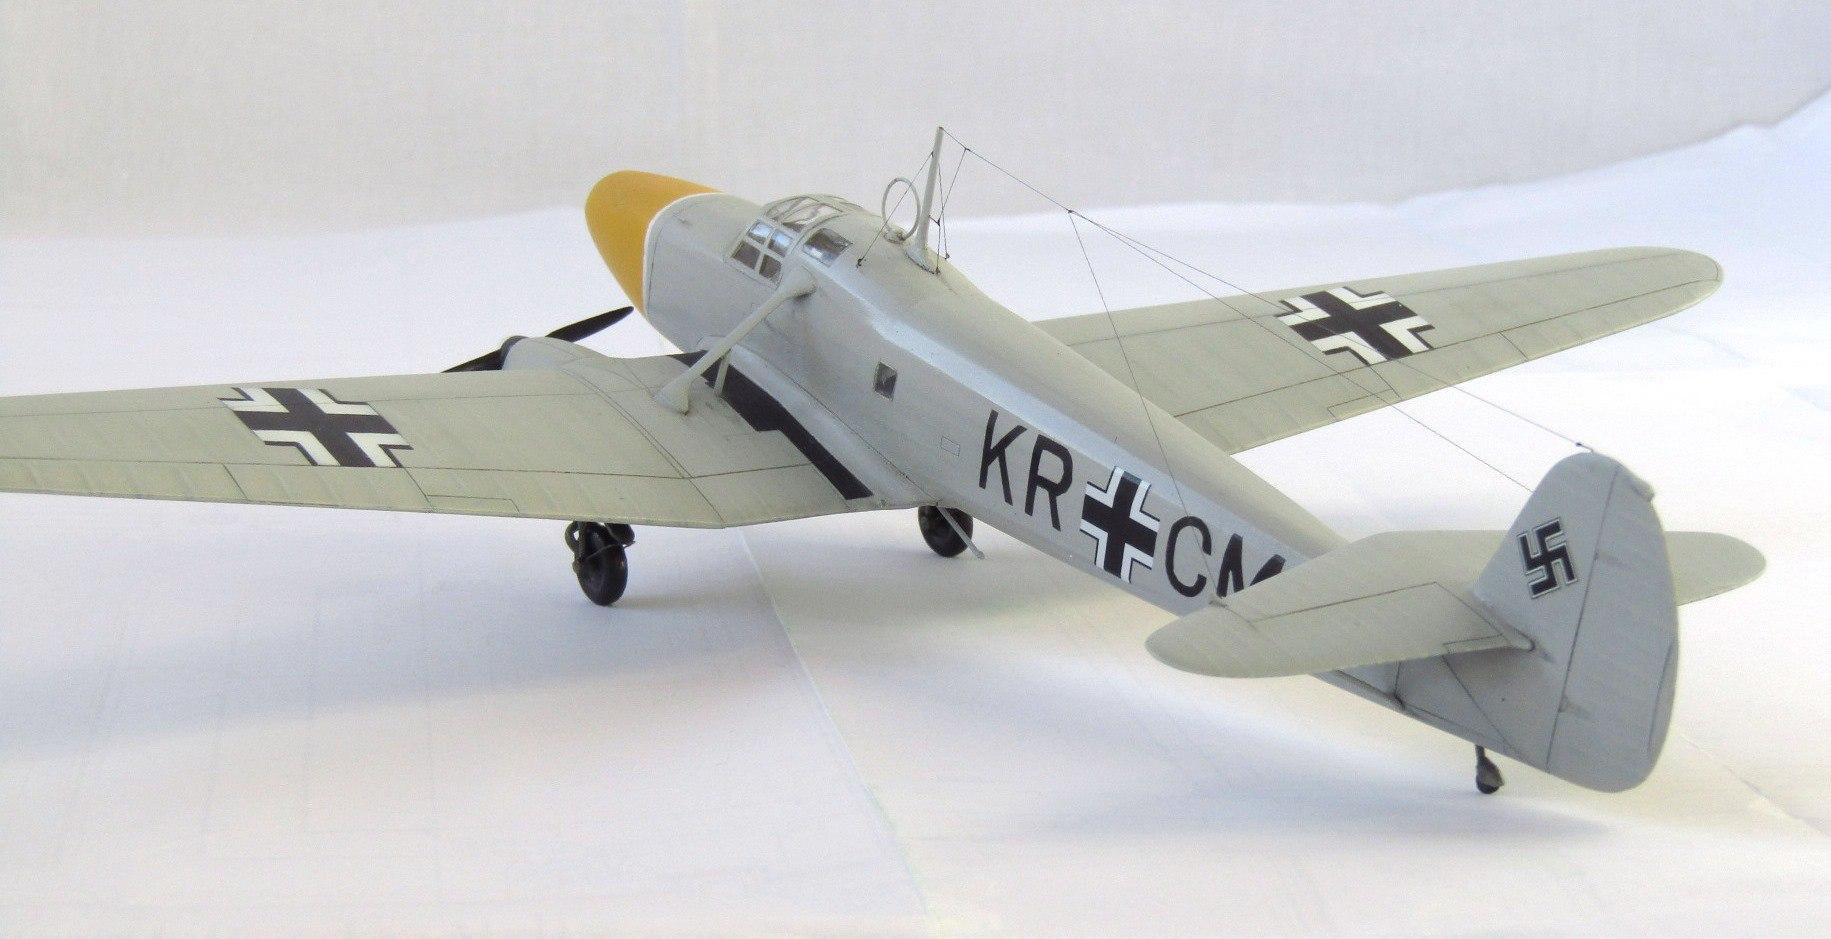 FW - 58C weihe 1/72 (Special Hobby) E5Dfy29YE90